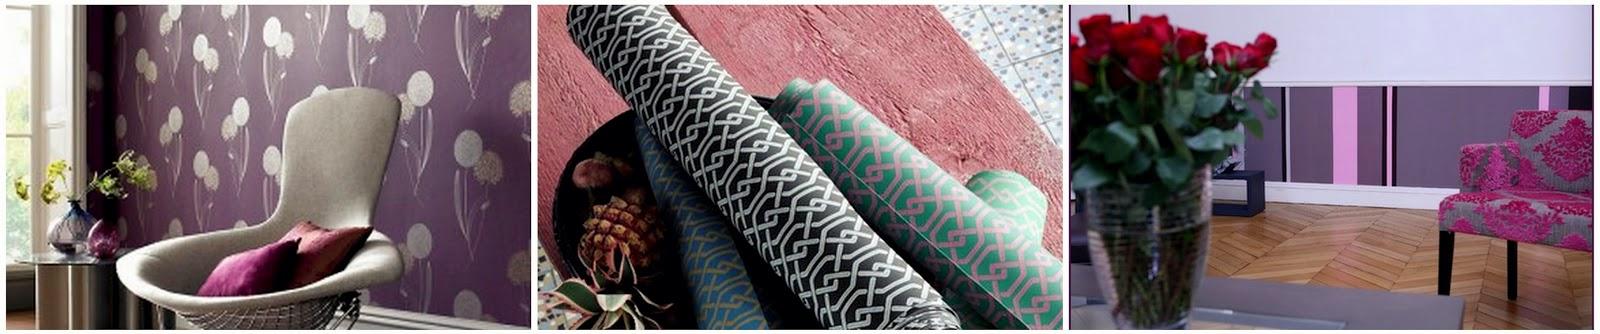 estimation pose papier peint paris entreprise de peinture paris. Black Bedroom Furniture Sets. Home Design Ideas